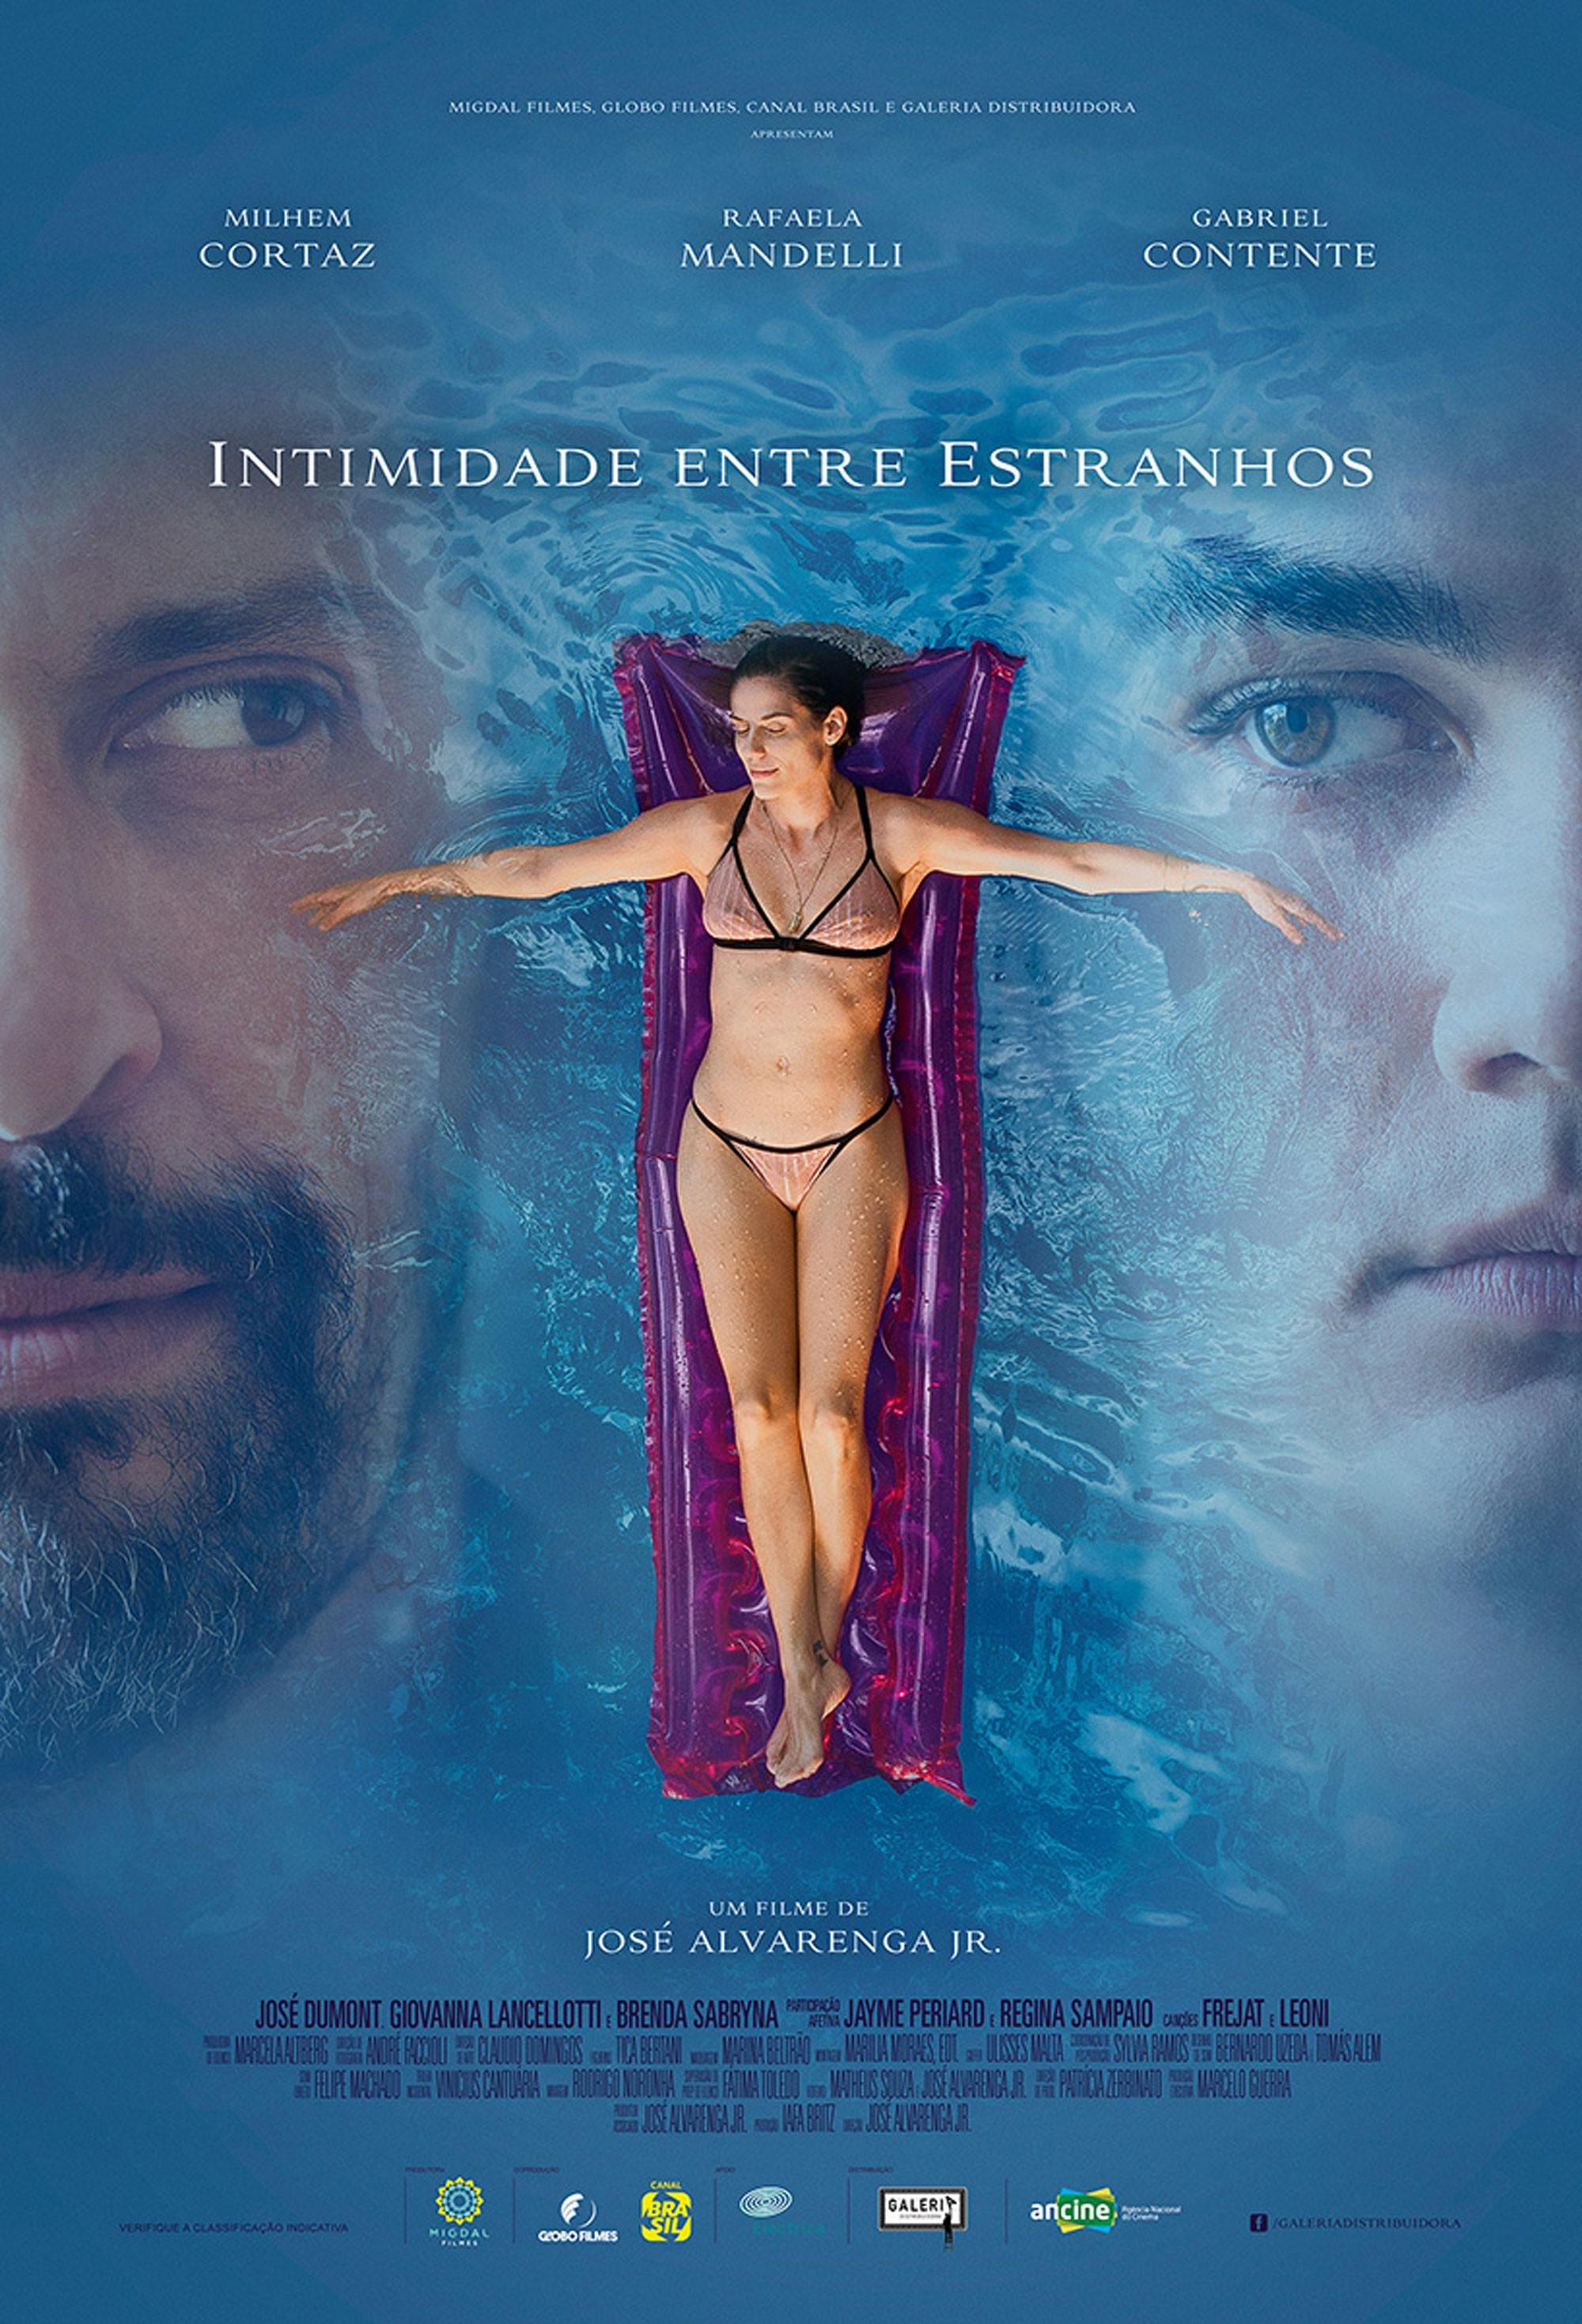 Rafaela Mandelli e Milhem Cortaz estrelam 'Intimidade entre estranhos'; assista ao trailer